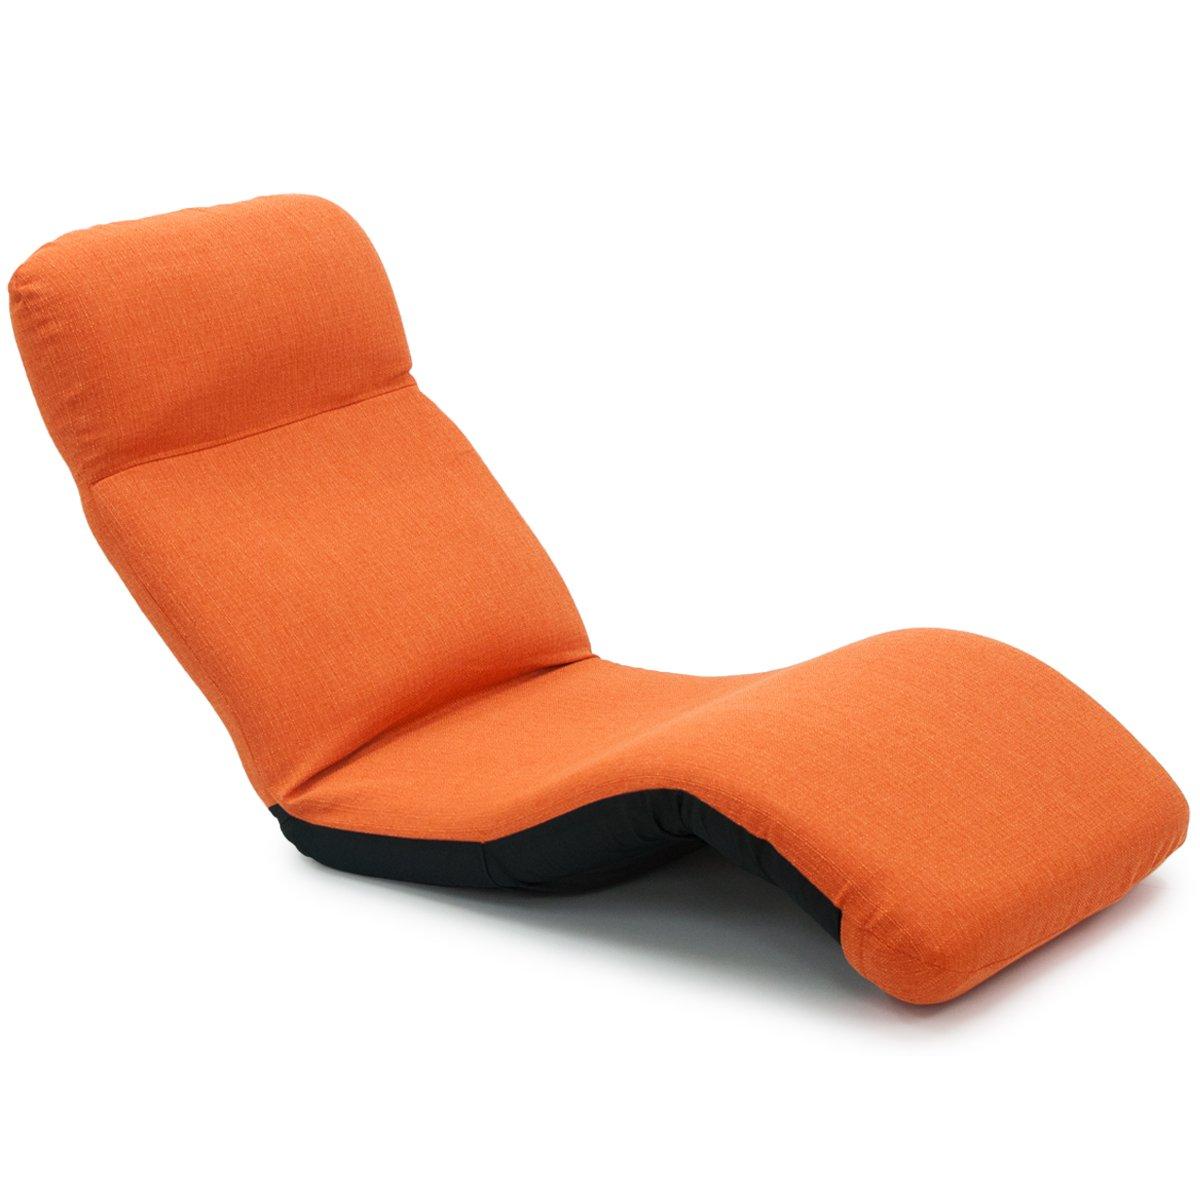 ヤマザキ 座椅子 オレンジ サイズ:(約) 幅60×奥行き108(108~166)×高さ79cm/座面高さ 12cm/座面内寸 幅60×奥行き80cm/背面内寸 幅60×長さ70cm/収納時 W60×D46×H80cm 産学連携 ymz-306 B06XYKF7F6 オレンジ オレンジ